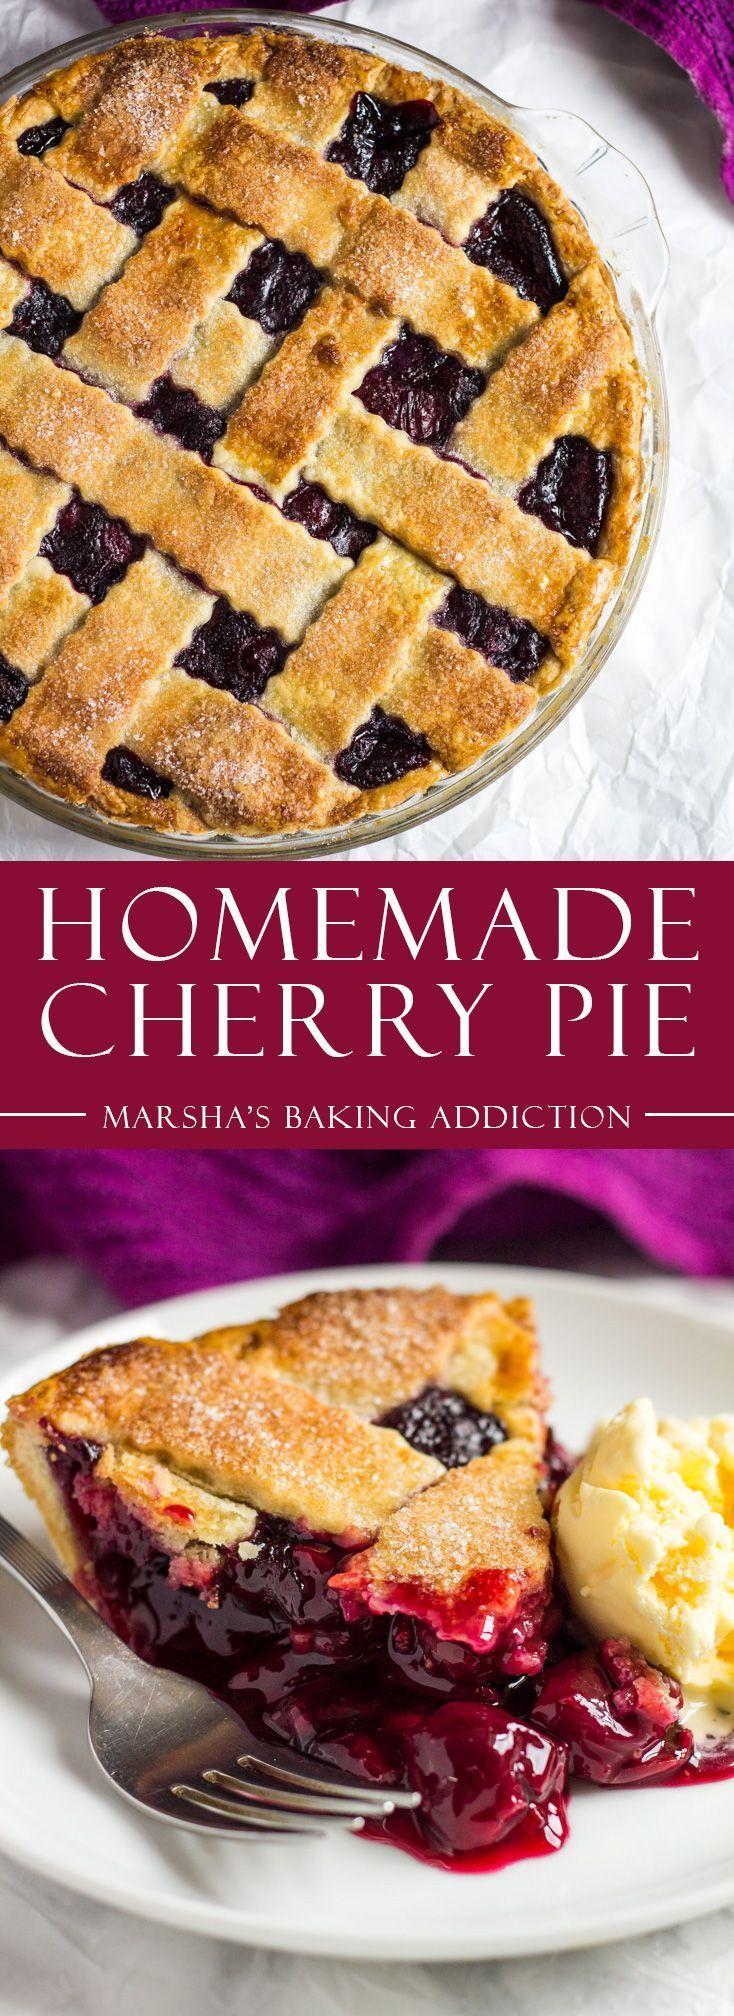 Homemade Cherry Pie | marshasbakingaddiction.com @marshasbakeblog